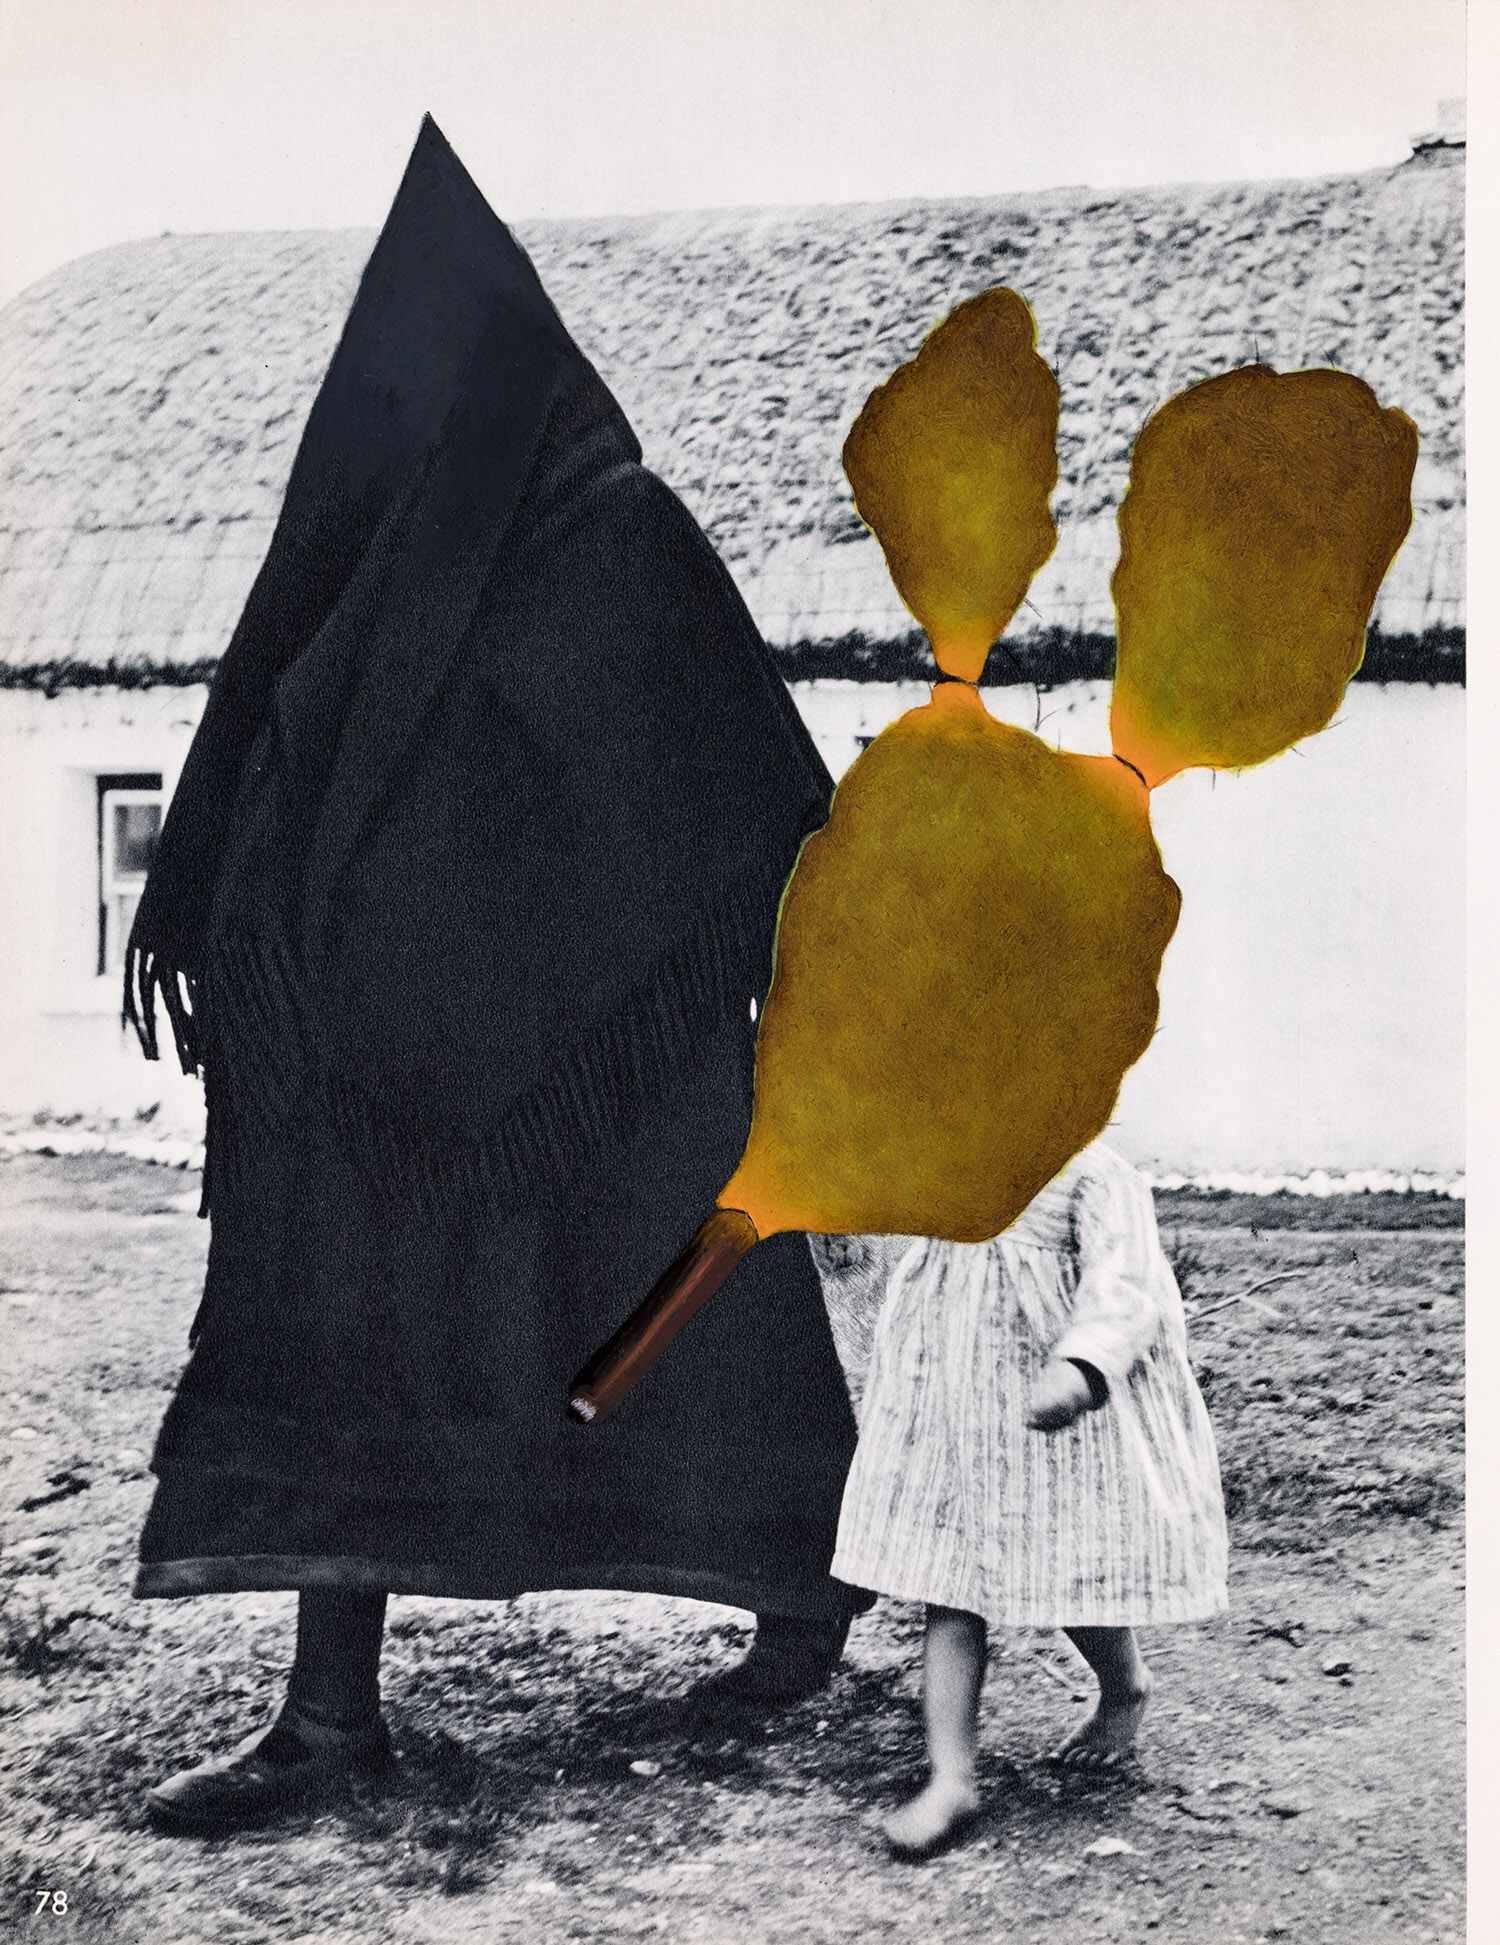 o.T. 2018, 22,7 x 21 cm, Öl auf Buchseite